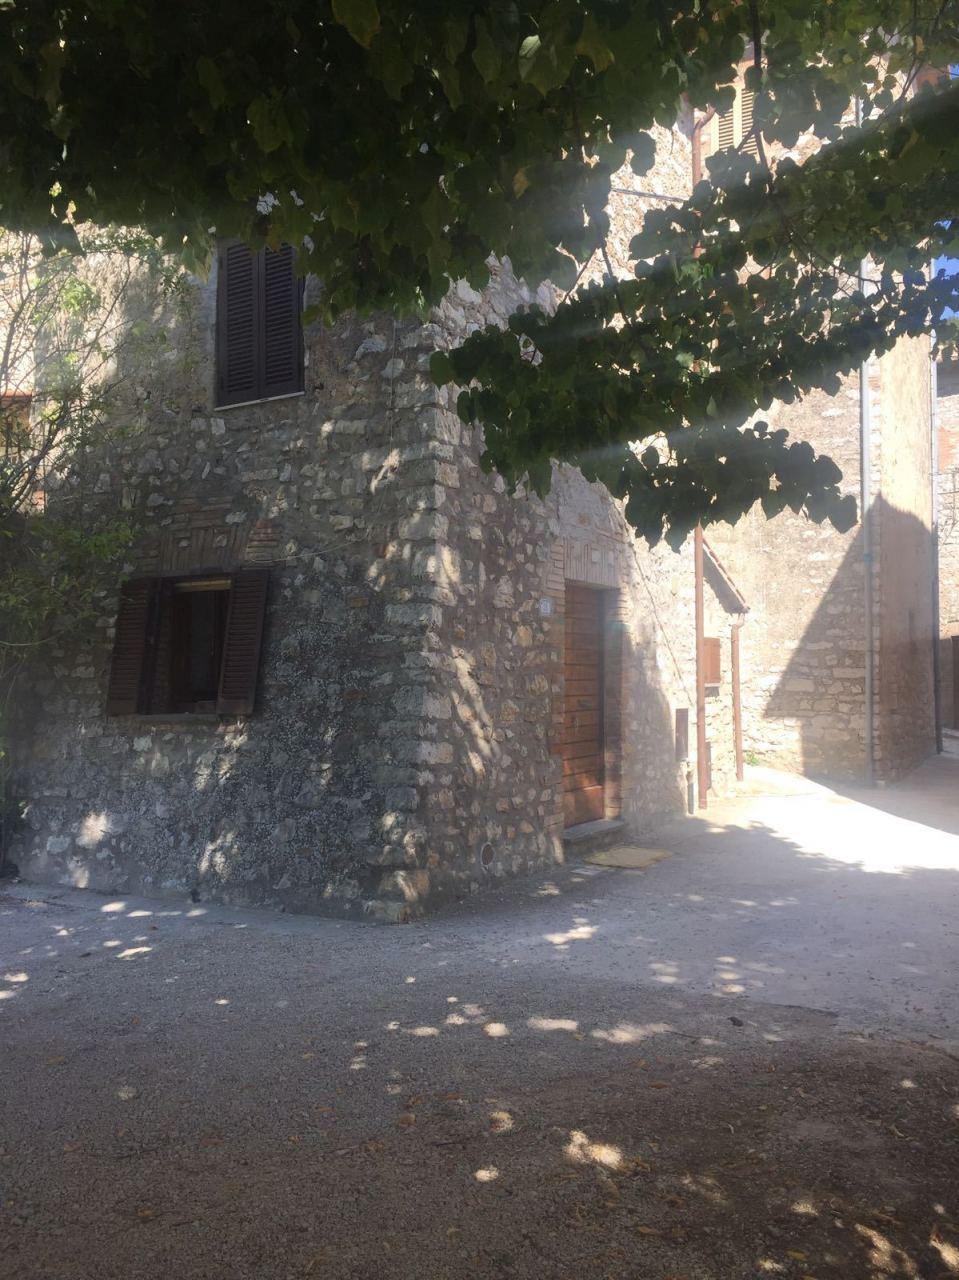 Appartamento in affitto a Avigliano Umbro, 2 locali, prezzo € 170   PortaleAgenzieImmobiliari.it